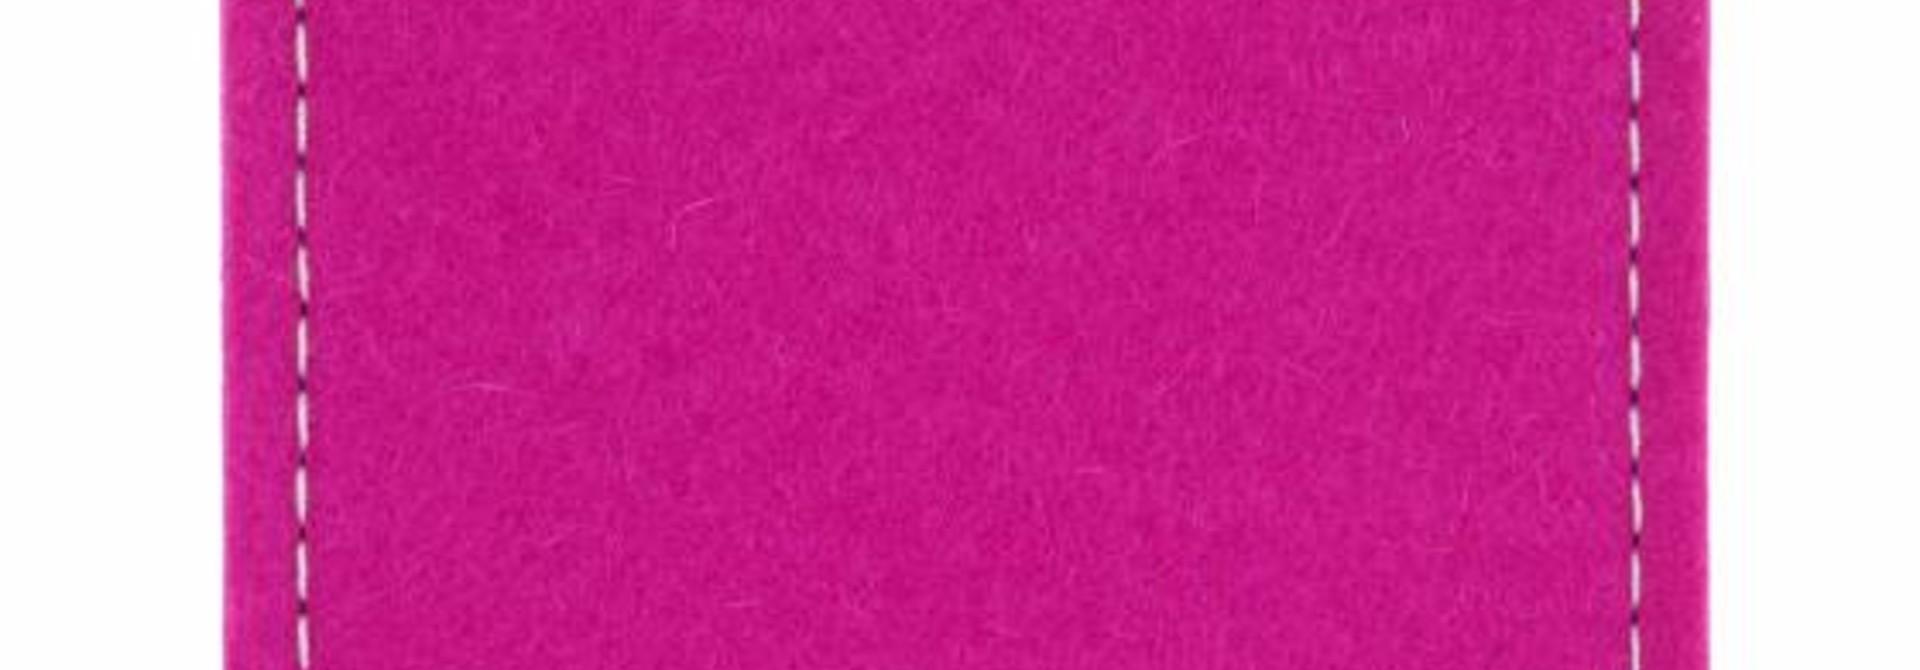 U / Desire / One Sleeve Pink